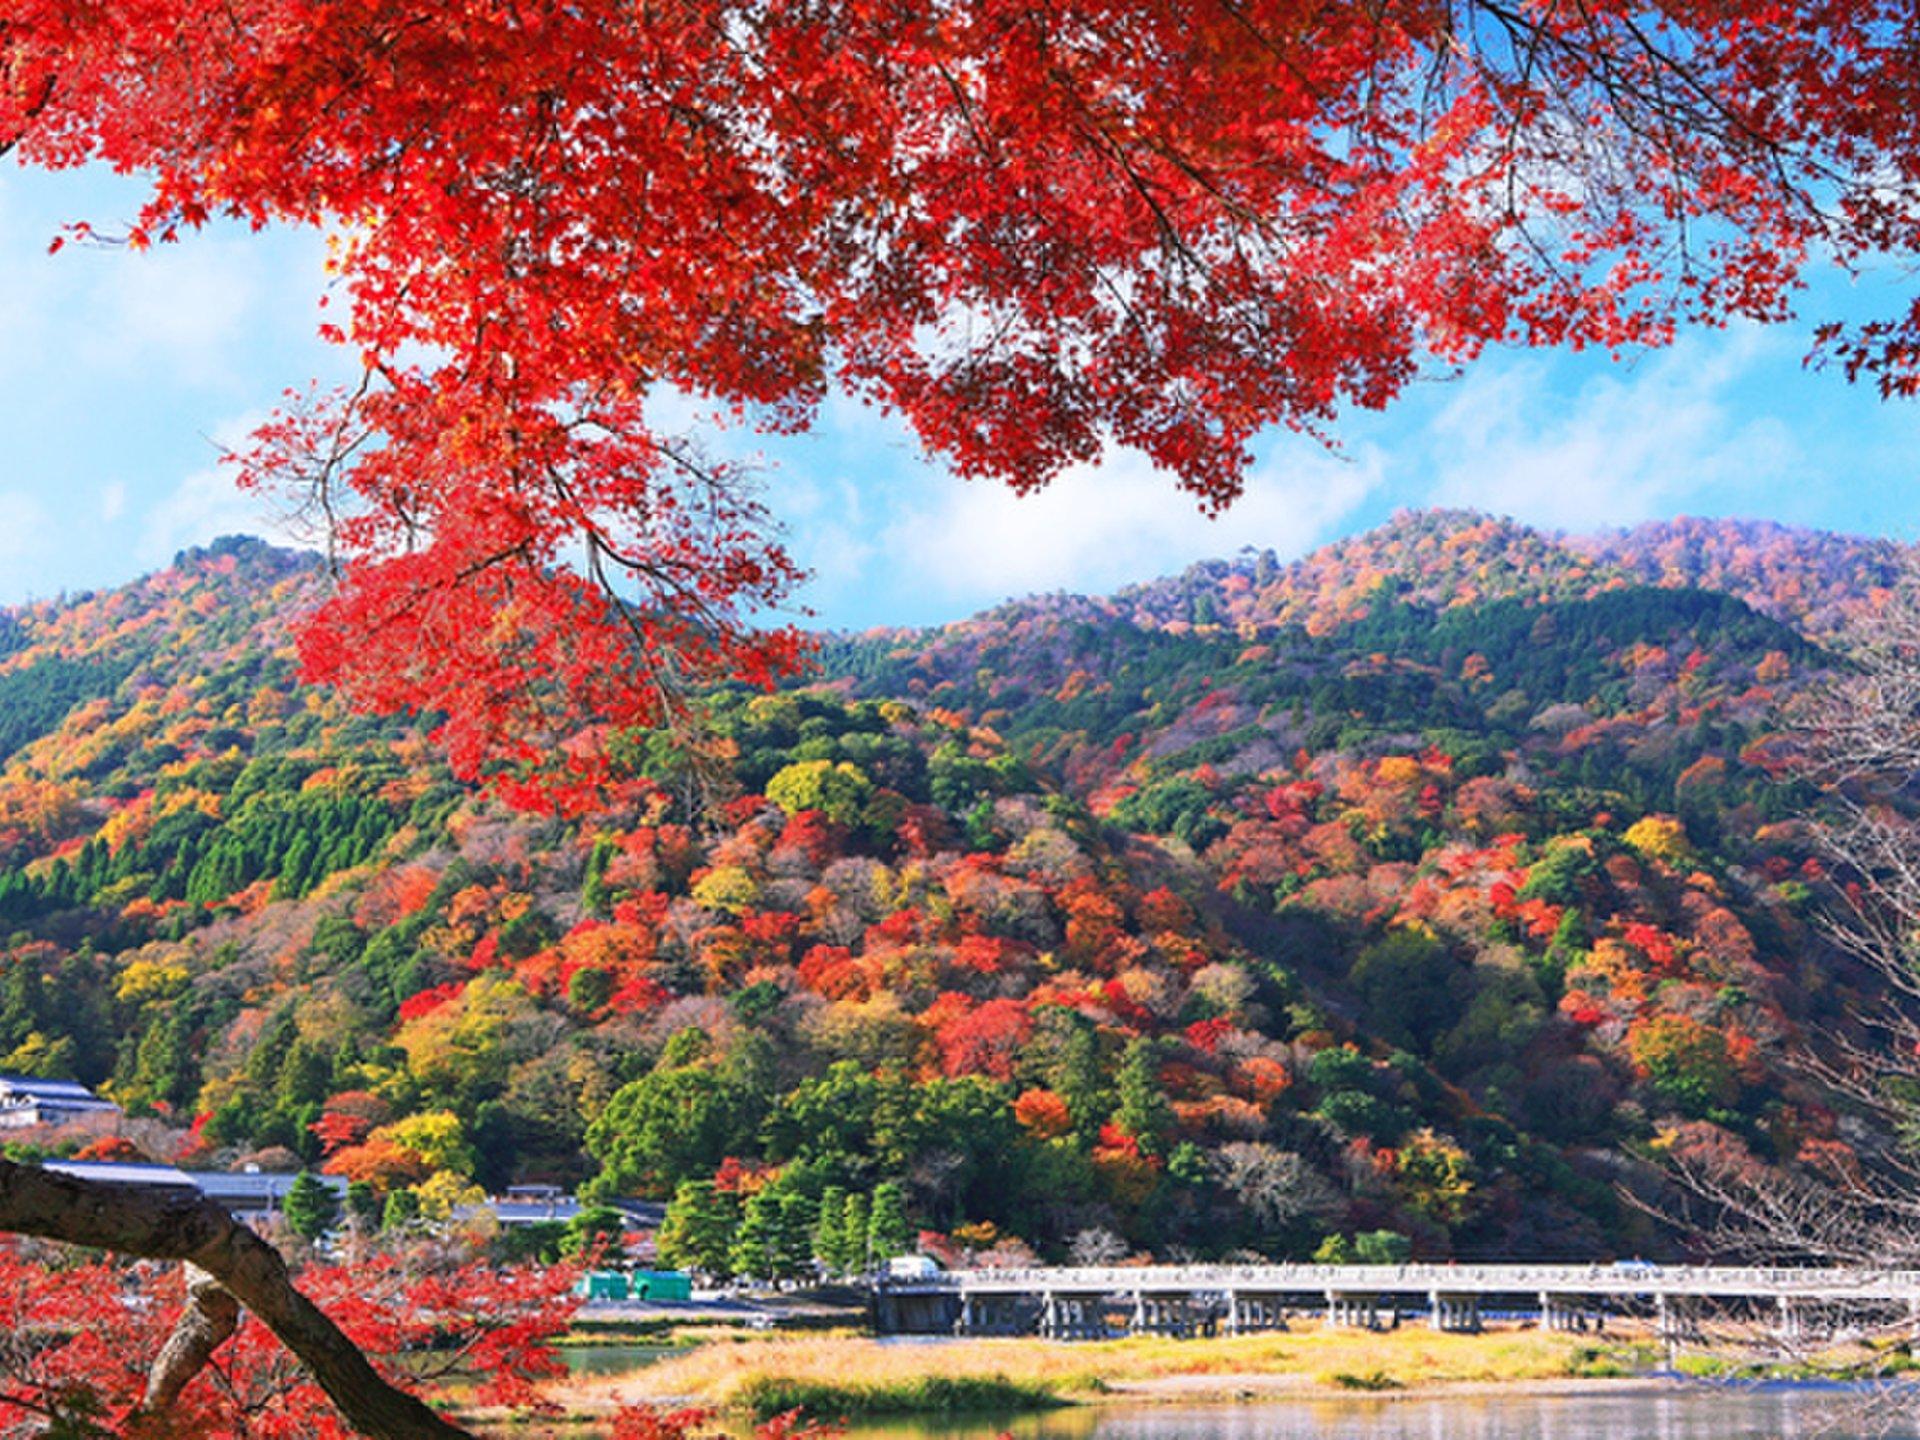 今が見頃!京都嵐山でおすすめしたい人気の紅葉スポット10選